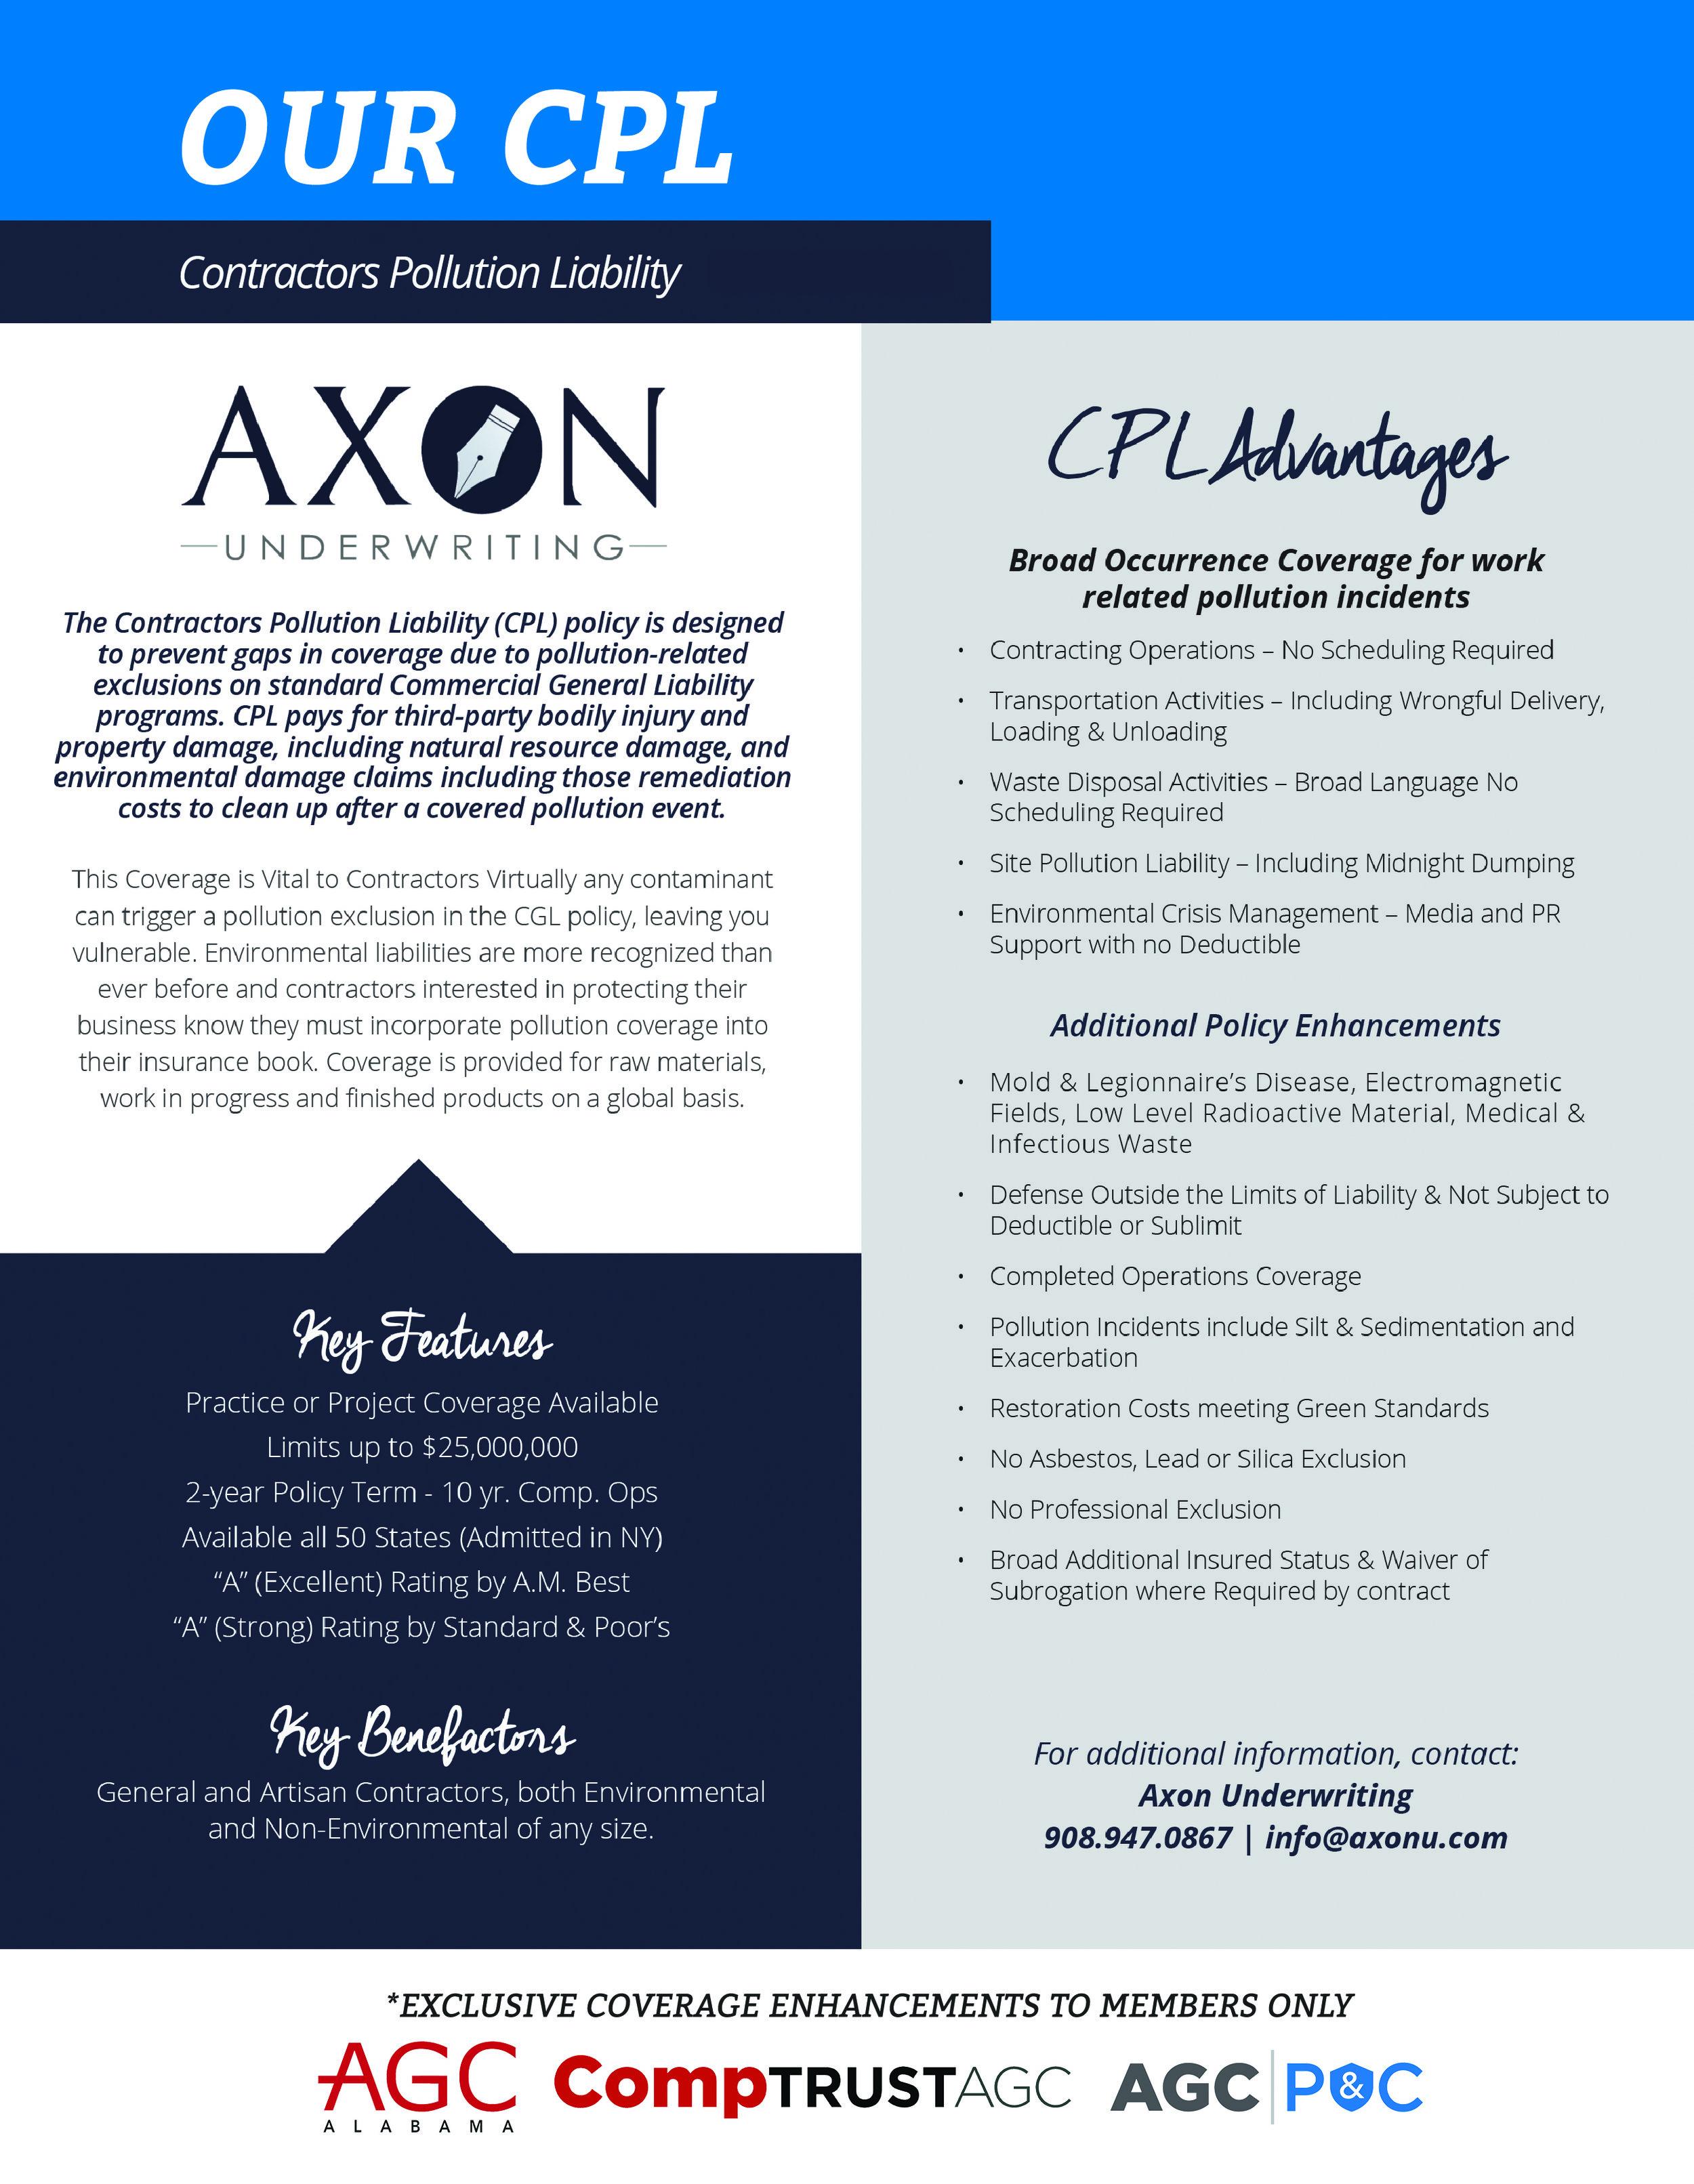 4. AXON CPl flyer.jpg